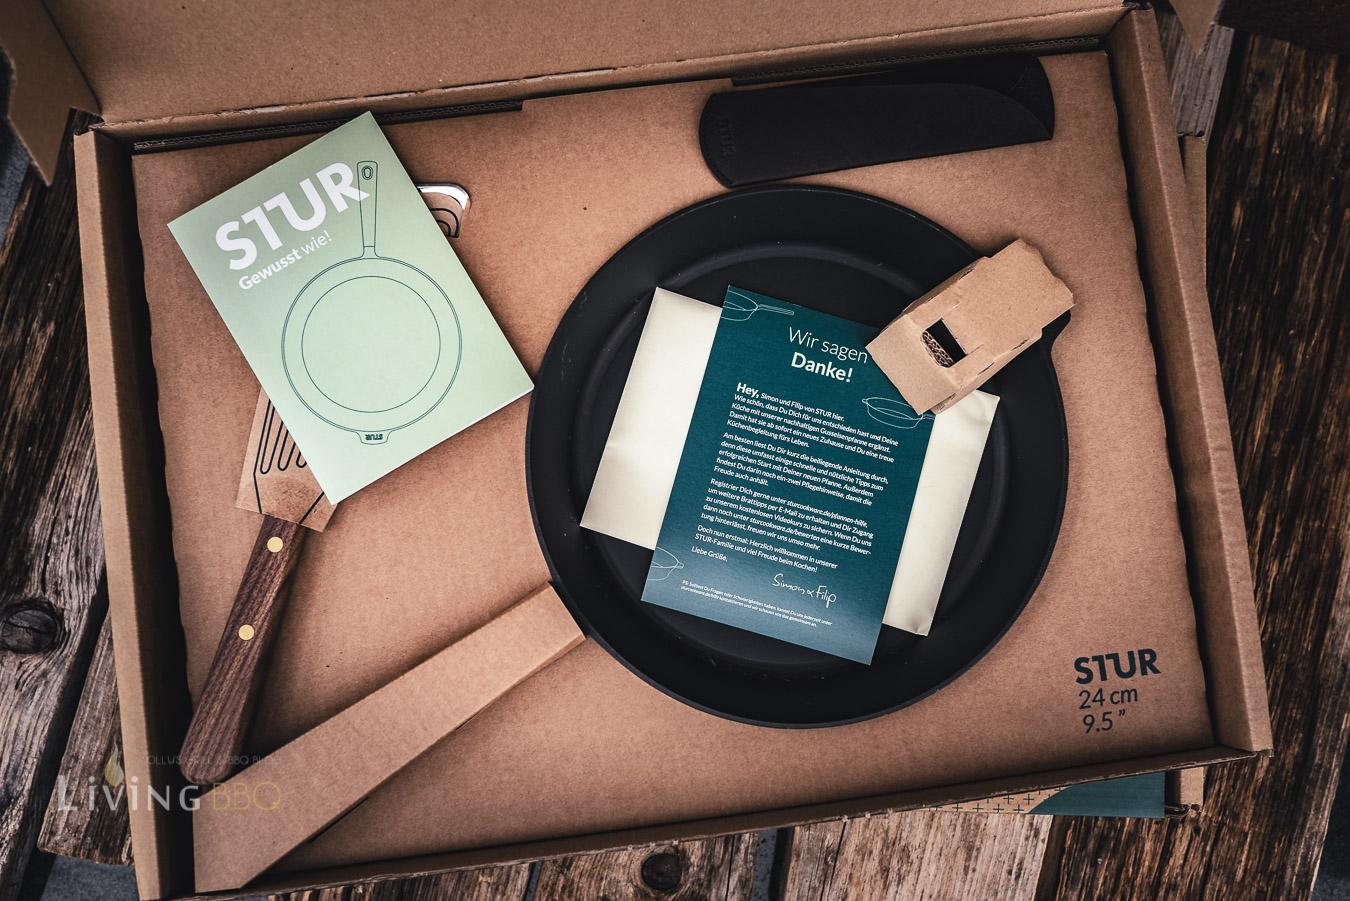 Gusseinsenpfanne von Stur Verpackung